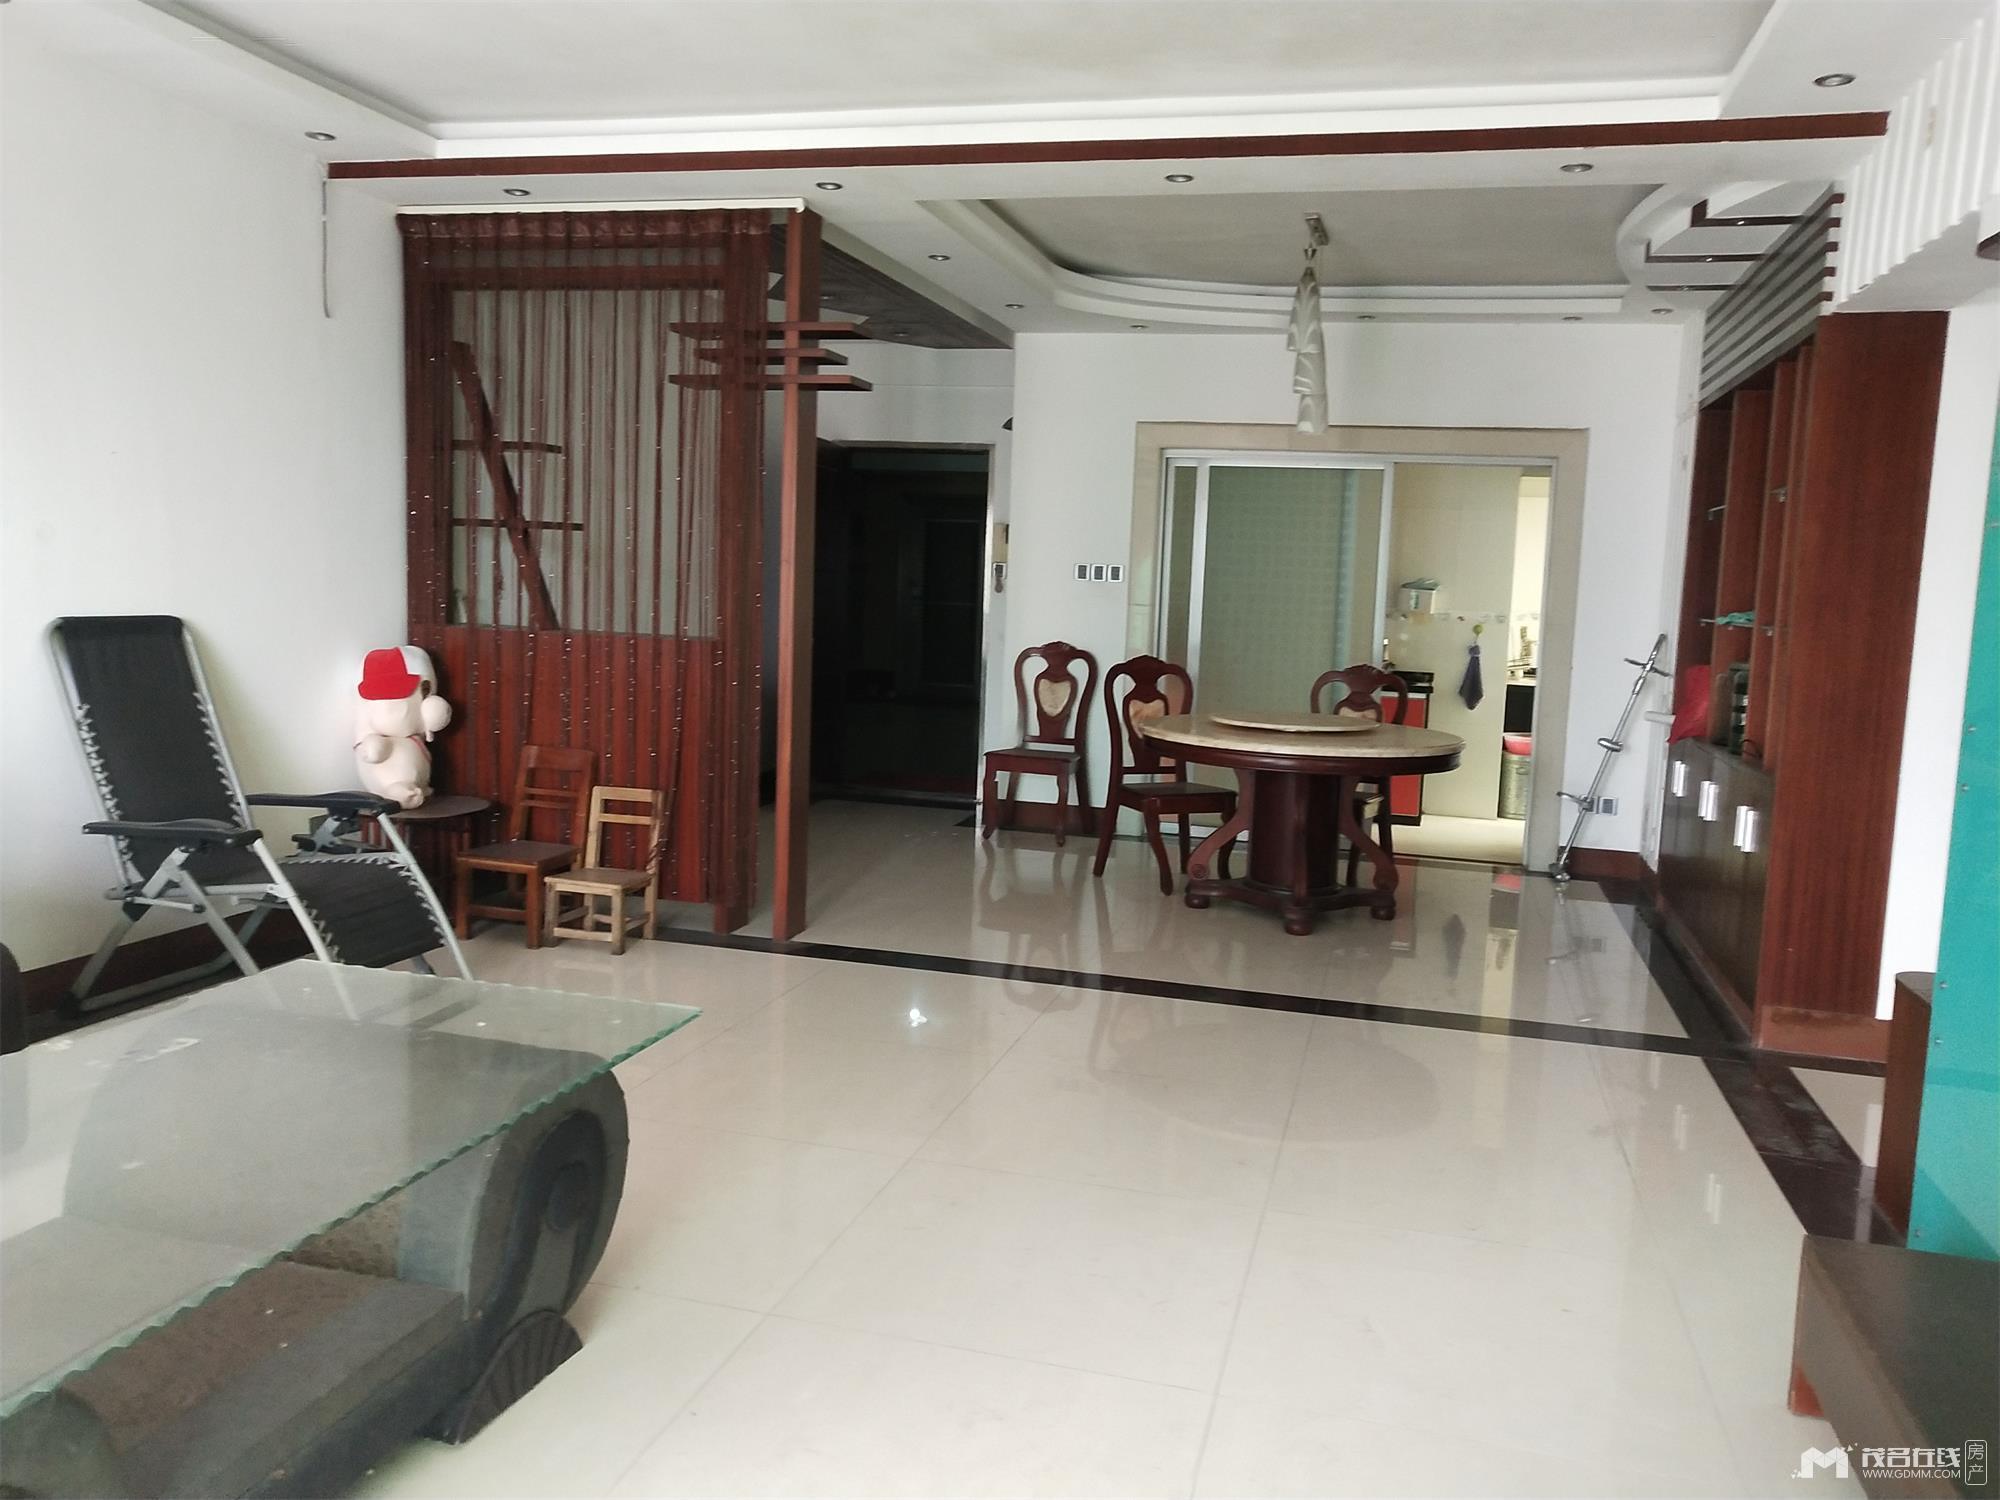 迎宾四路大荣花园,12楼,3房2厅,家私电基本齐,除电视,租2500元